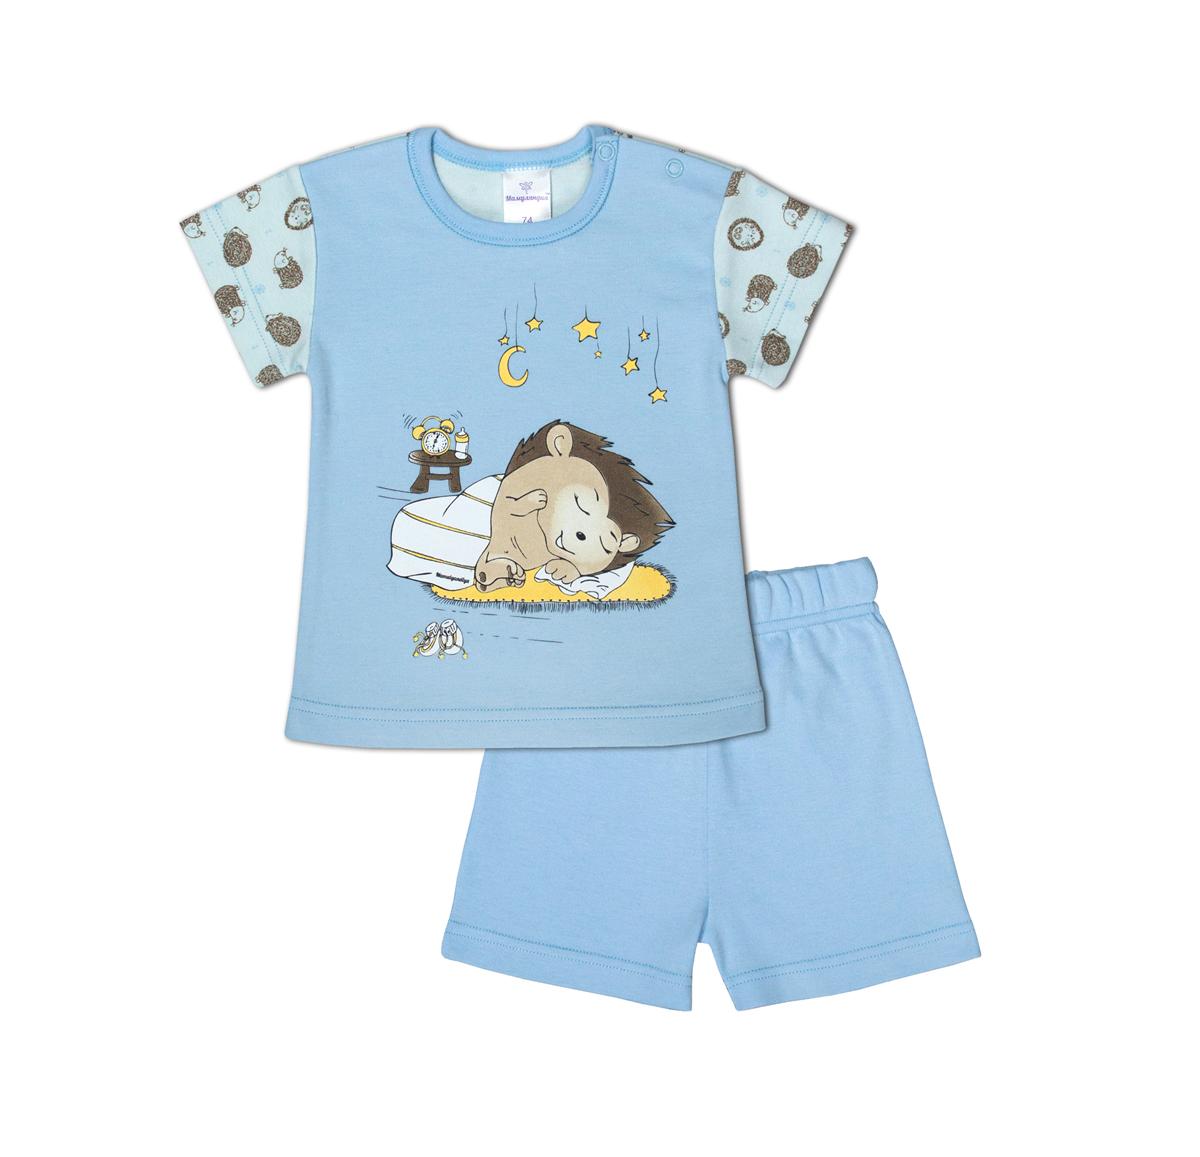 Комплект одежды для мальчика Мамуляндия: шорты, футболка, цвет: голубой. 17-17001. Размер 8017-17001Комплект одежды для мальчика Мамуляндия состоит из шорт и футболки. Изготовленные из натурального хлопка, они необычайно мягкие и легкие. Удобные шорты для мальчика на широком эластичном поясе. Футболка с коротким рукавом имеет застежки-кнопки по плечевому шву.